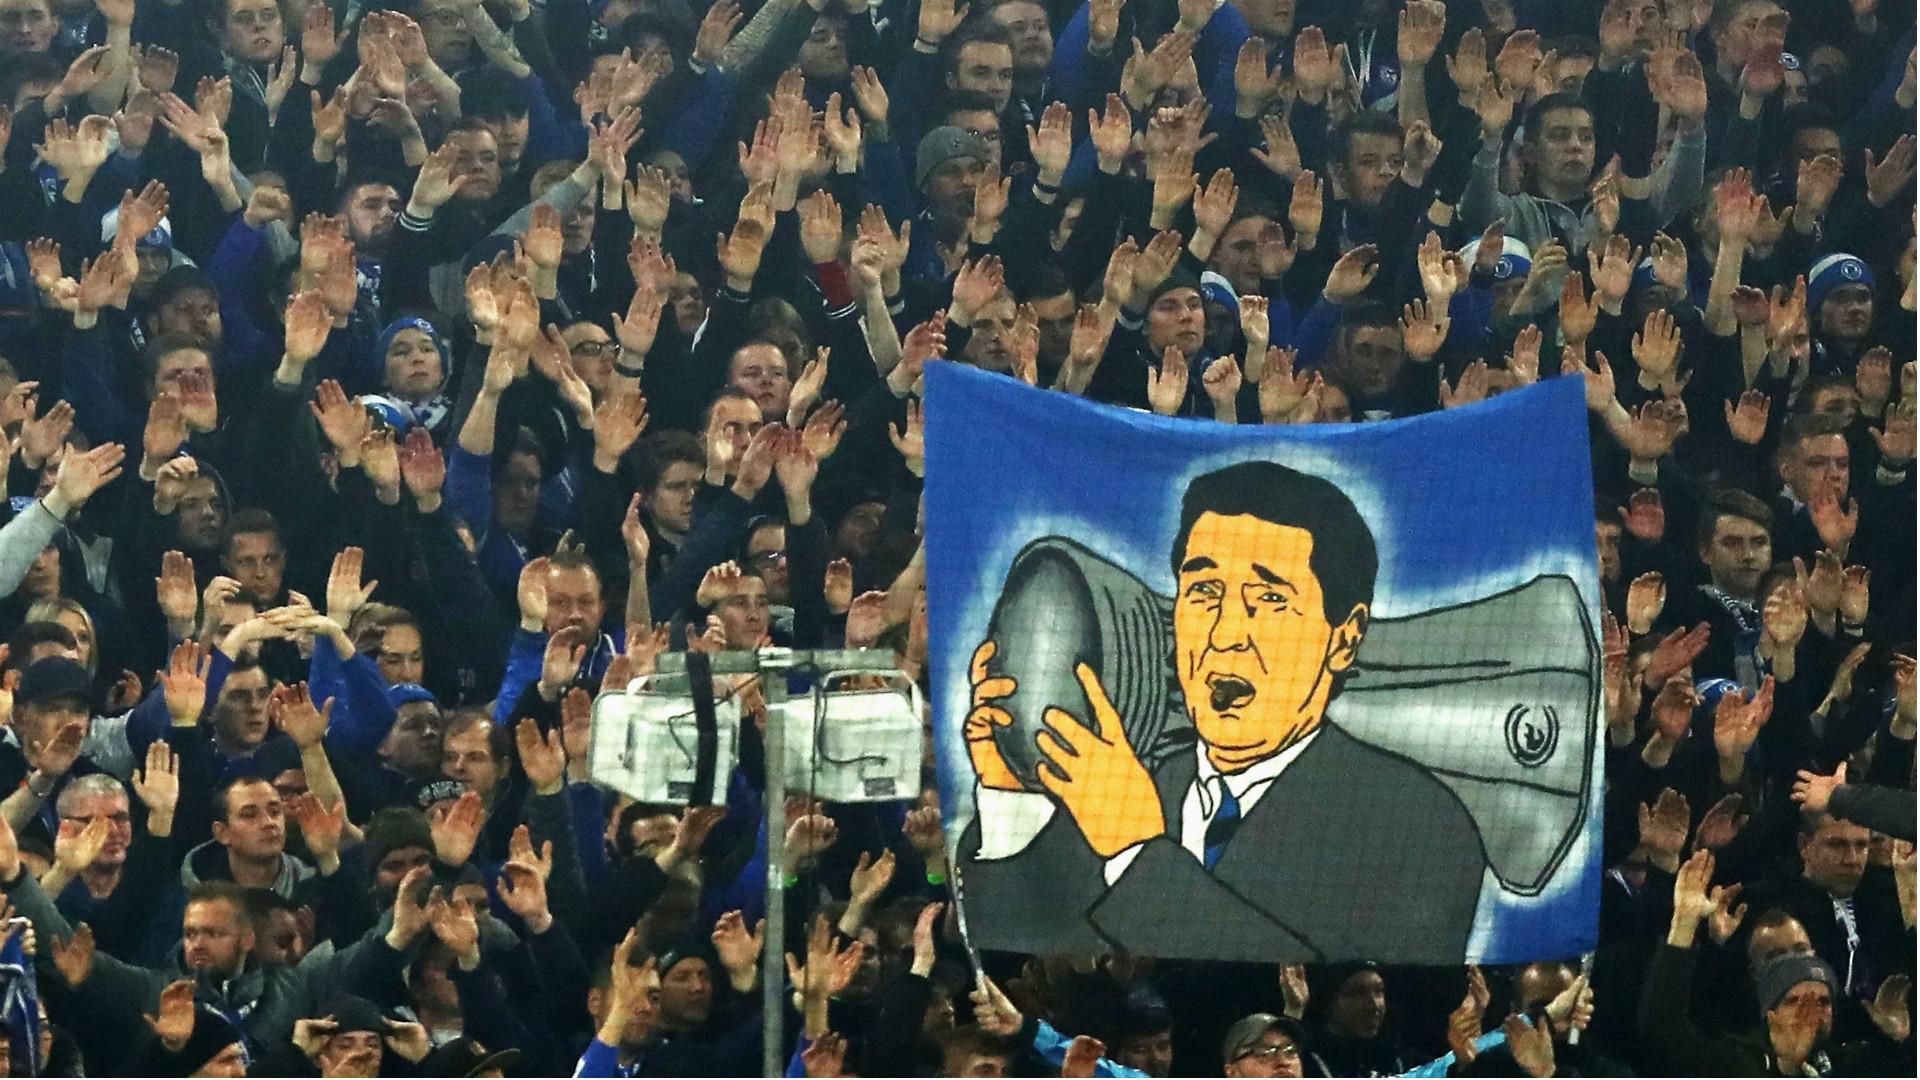 Rudi Assauer Schalke 04 fans